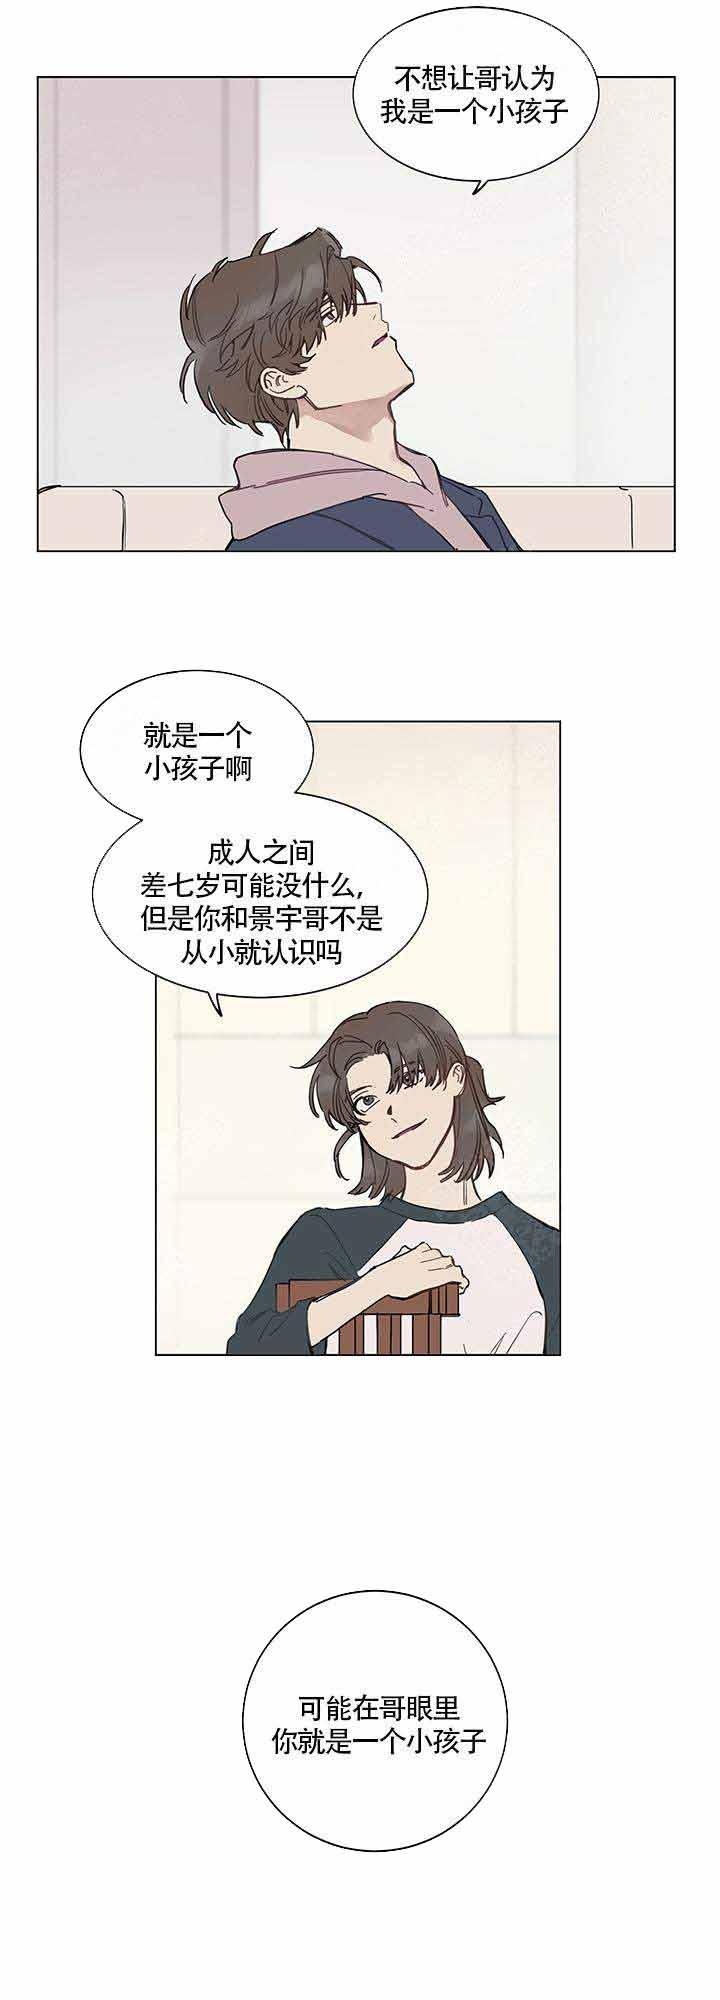 我们的第一次-漫画下拉式&全集在线阅读_完整版汉化连载首发-啵乐漫画